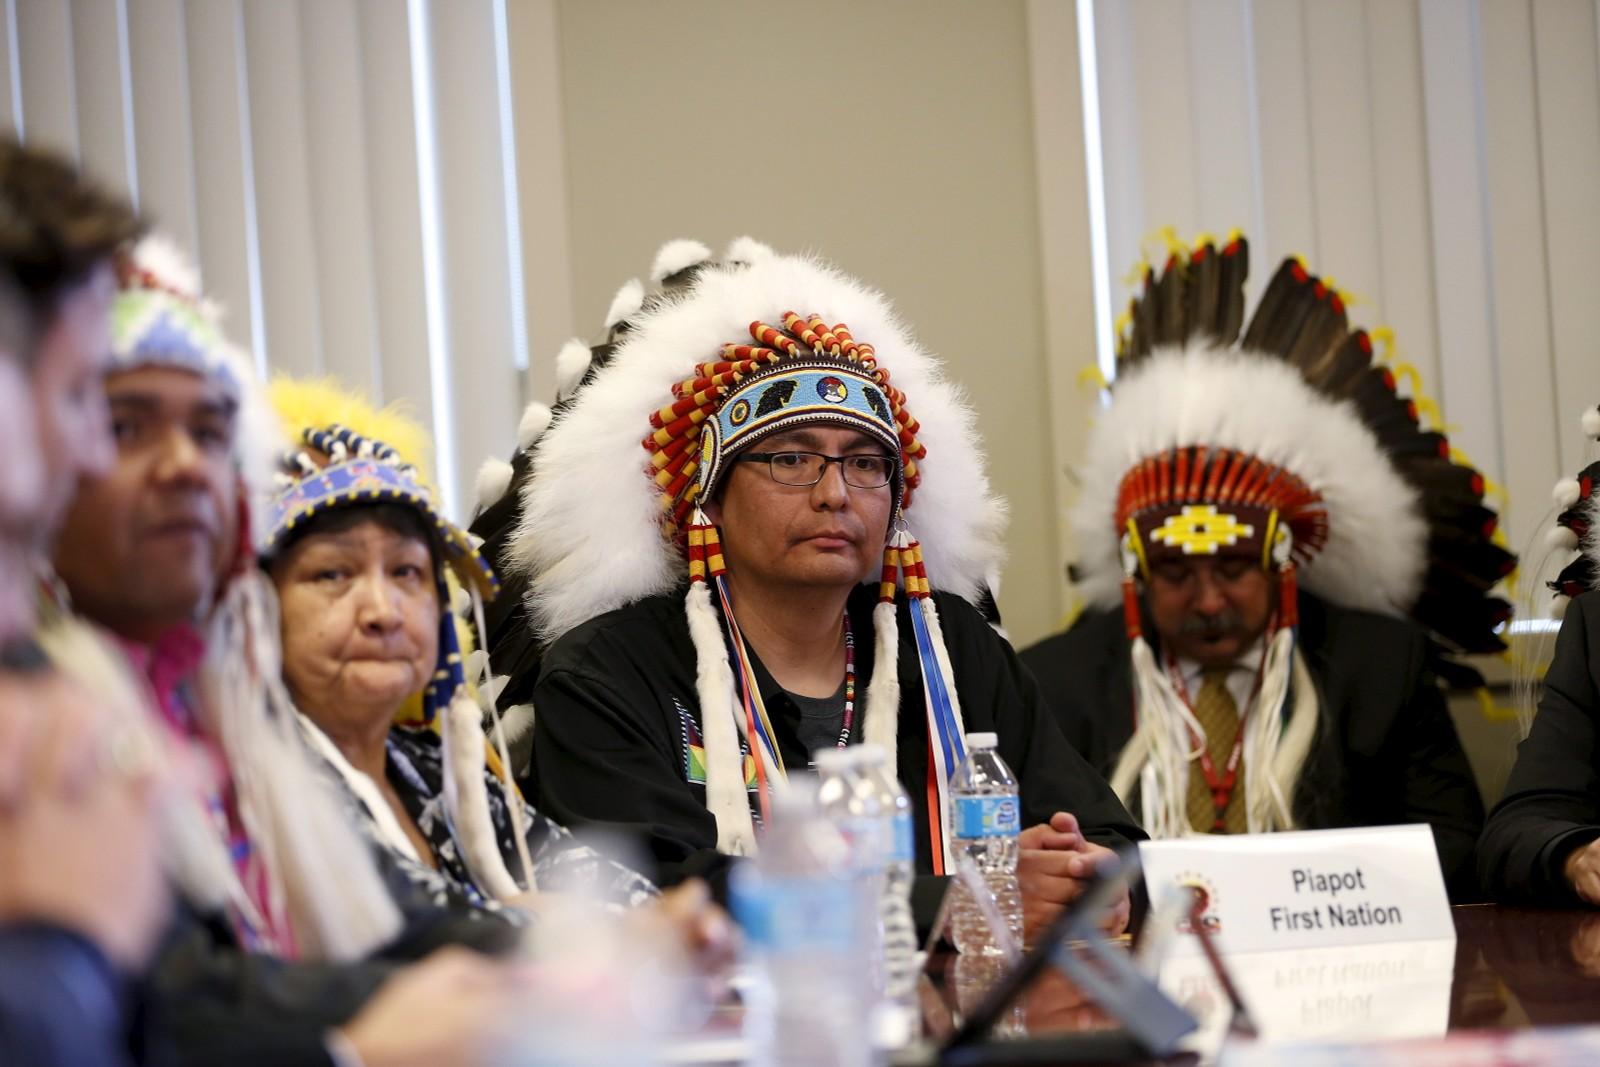 Høvding Ira Lavallee fra Piapot First Nations under et møte med Canadas statsminister Justin Trudeau og File Hills Qu'Appelle stammeråd i Fort Qu'Appelle, Saskatchewan i Canada tirsdag denne uken.